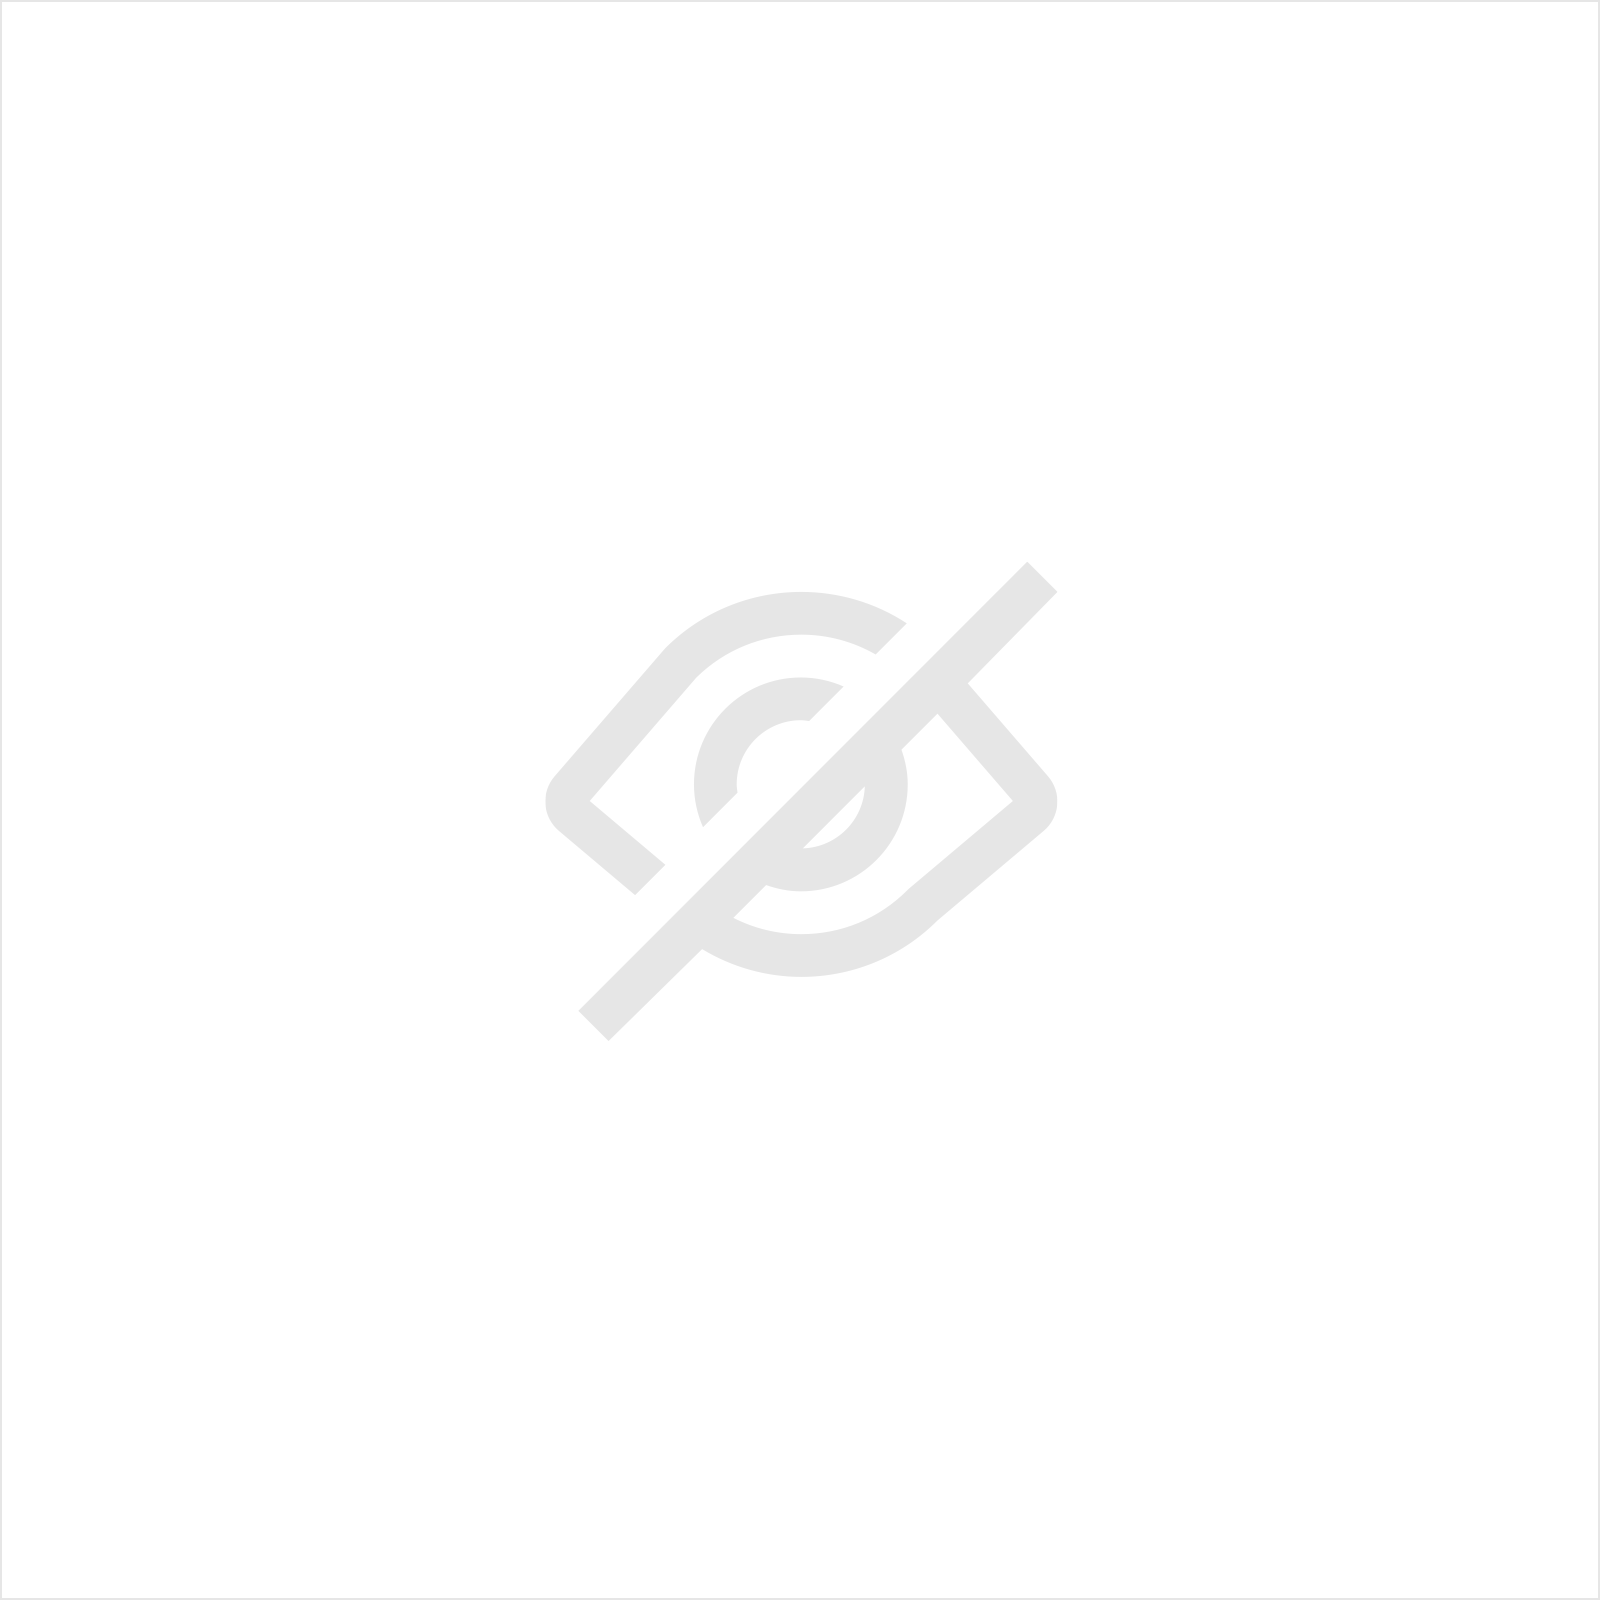 MOLETTES OPTIONELLE POUR BORDEUSE MOULUREUSE 3 MM